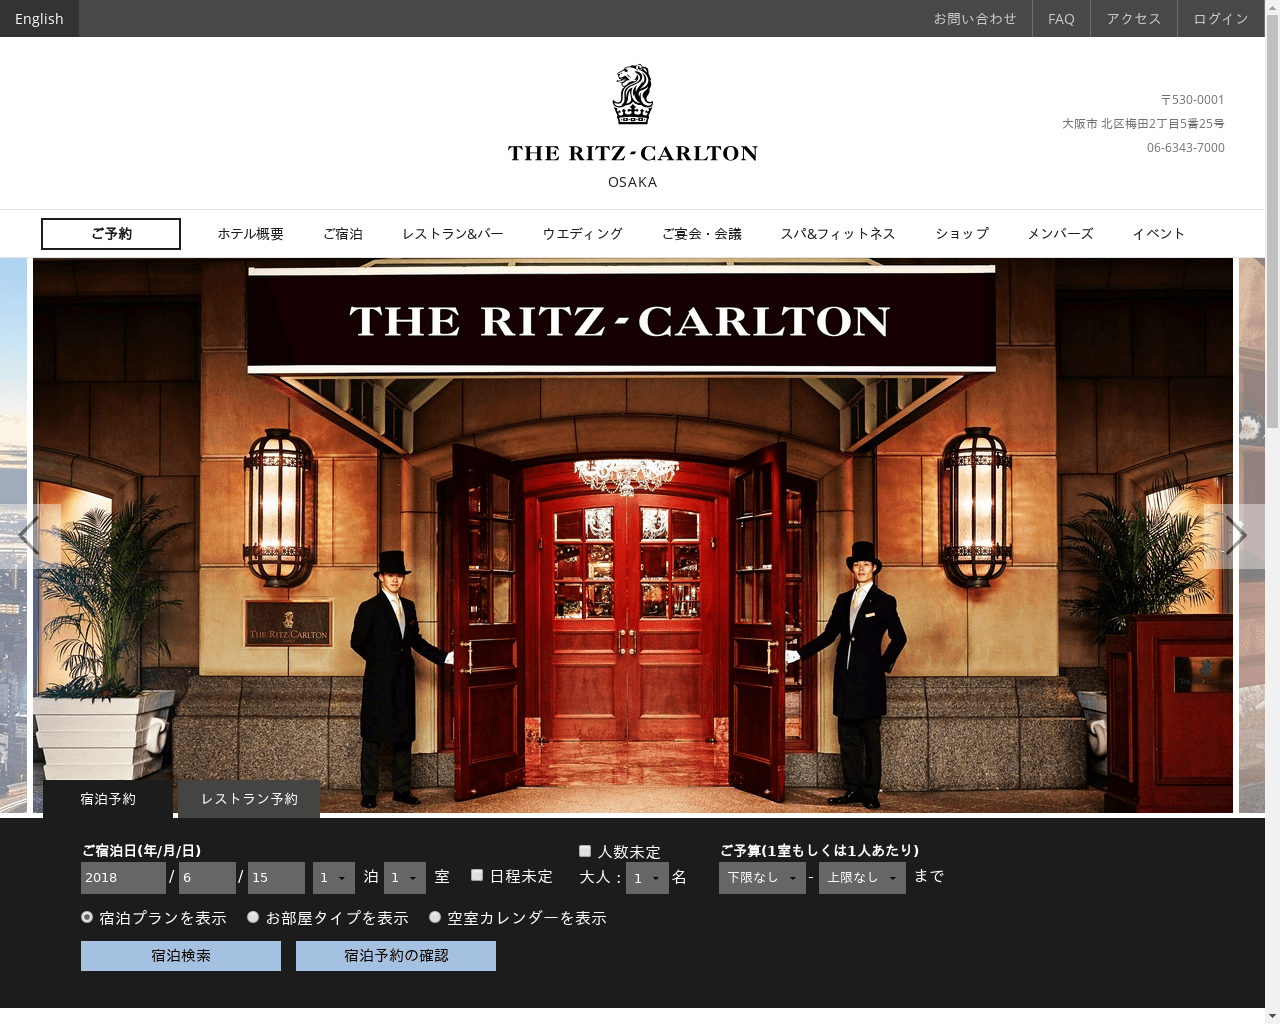 高級ホテル特集 ザ・リッツ・カールトン大阪